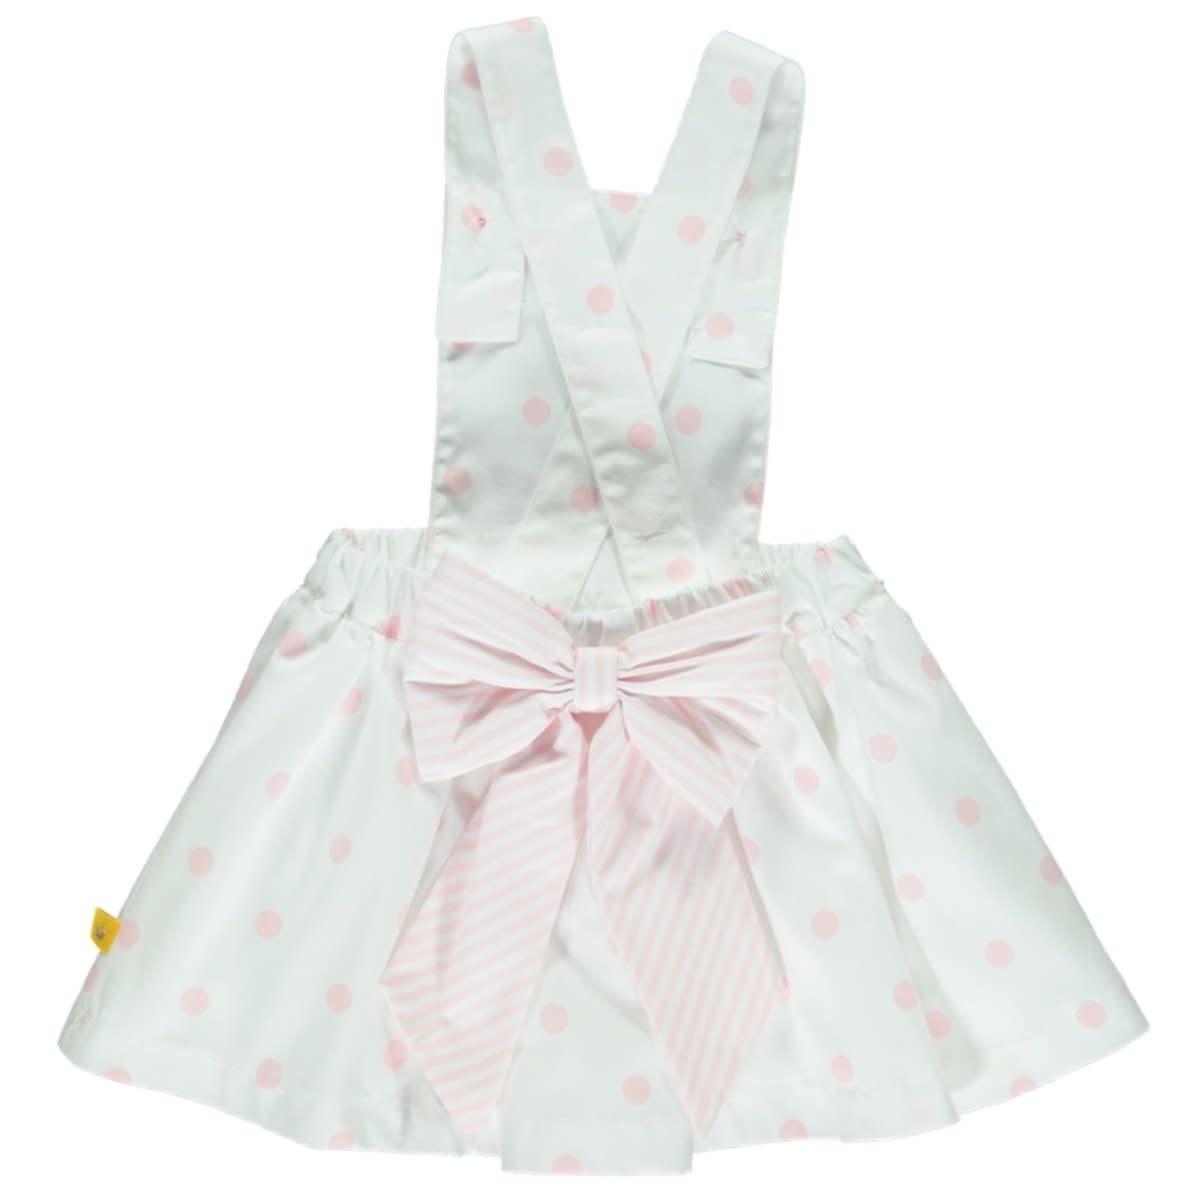 Chua Pink Poka Dot Top And Skirt Set